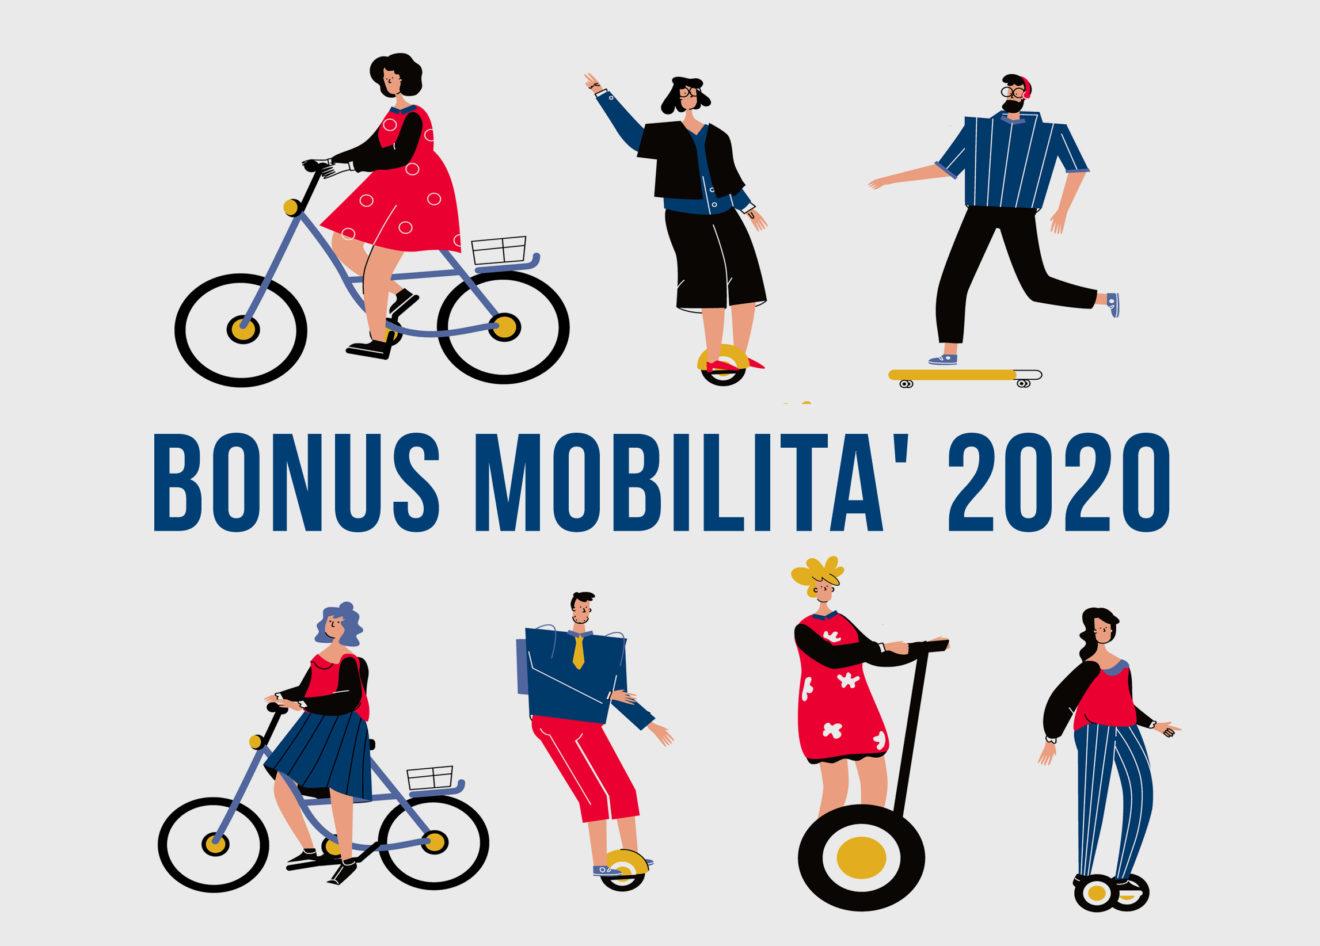 Tutto quello che si deve sapere sul bonus mobilità 2020  - Le FAQ sul bonus mobilità 2020